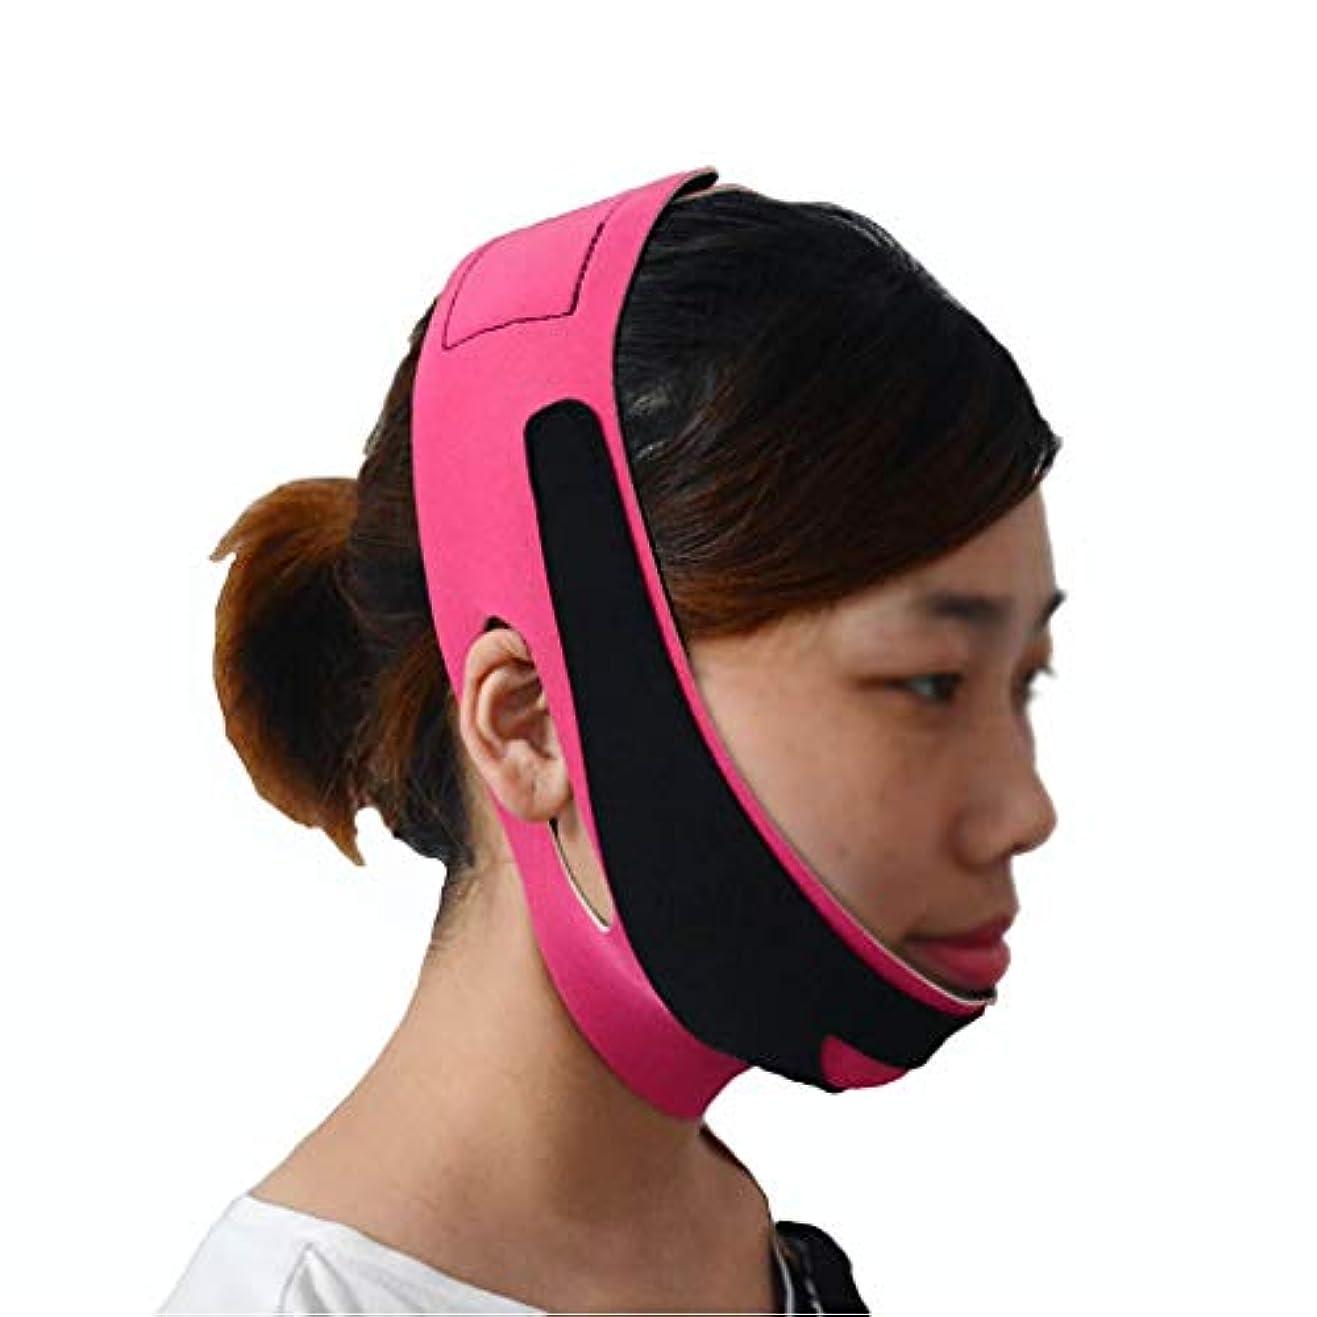 性格サスティーンディーラーXHLMRMJ 顔面マスク、顔面リフトマスク薄い顔をあごに薄く包帯V顔アーティファクトに直面する